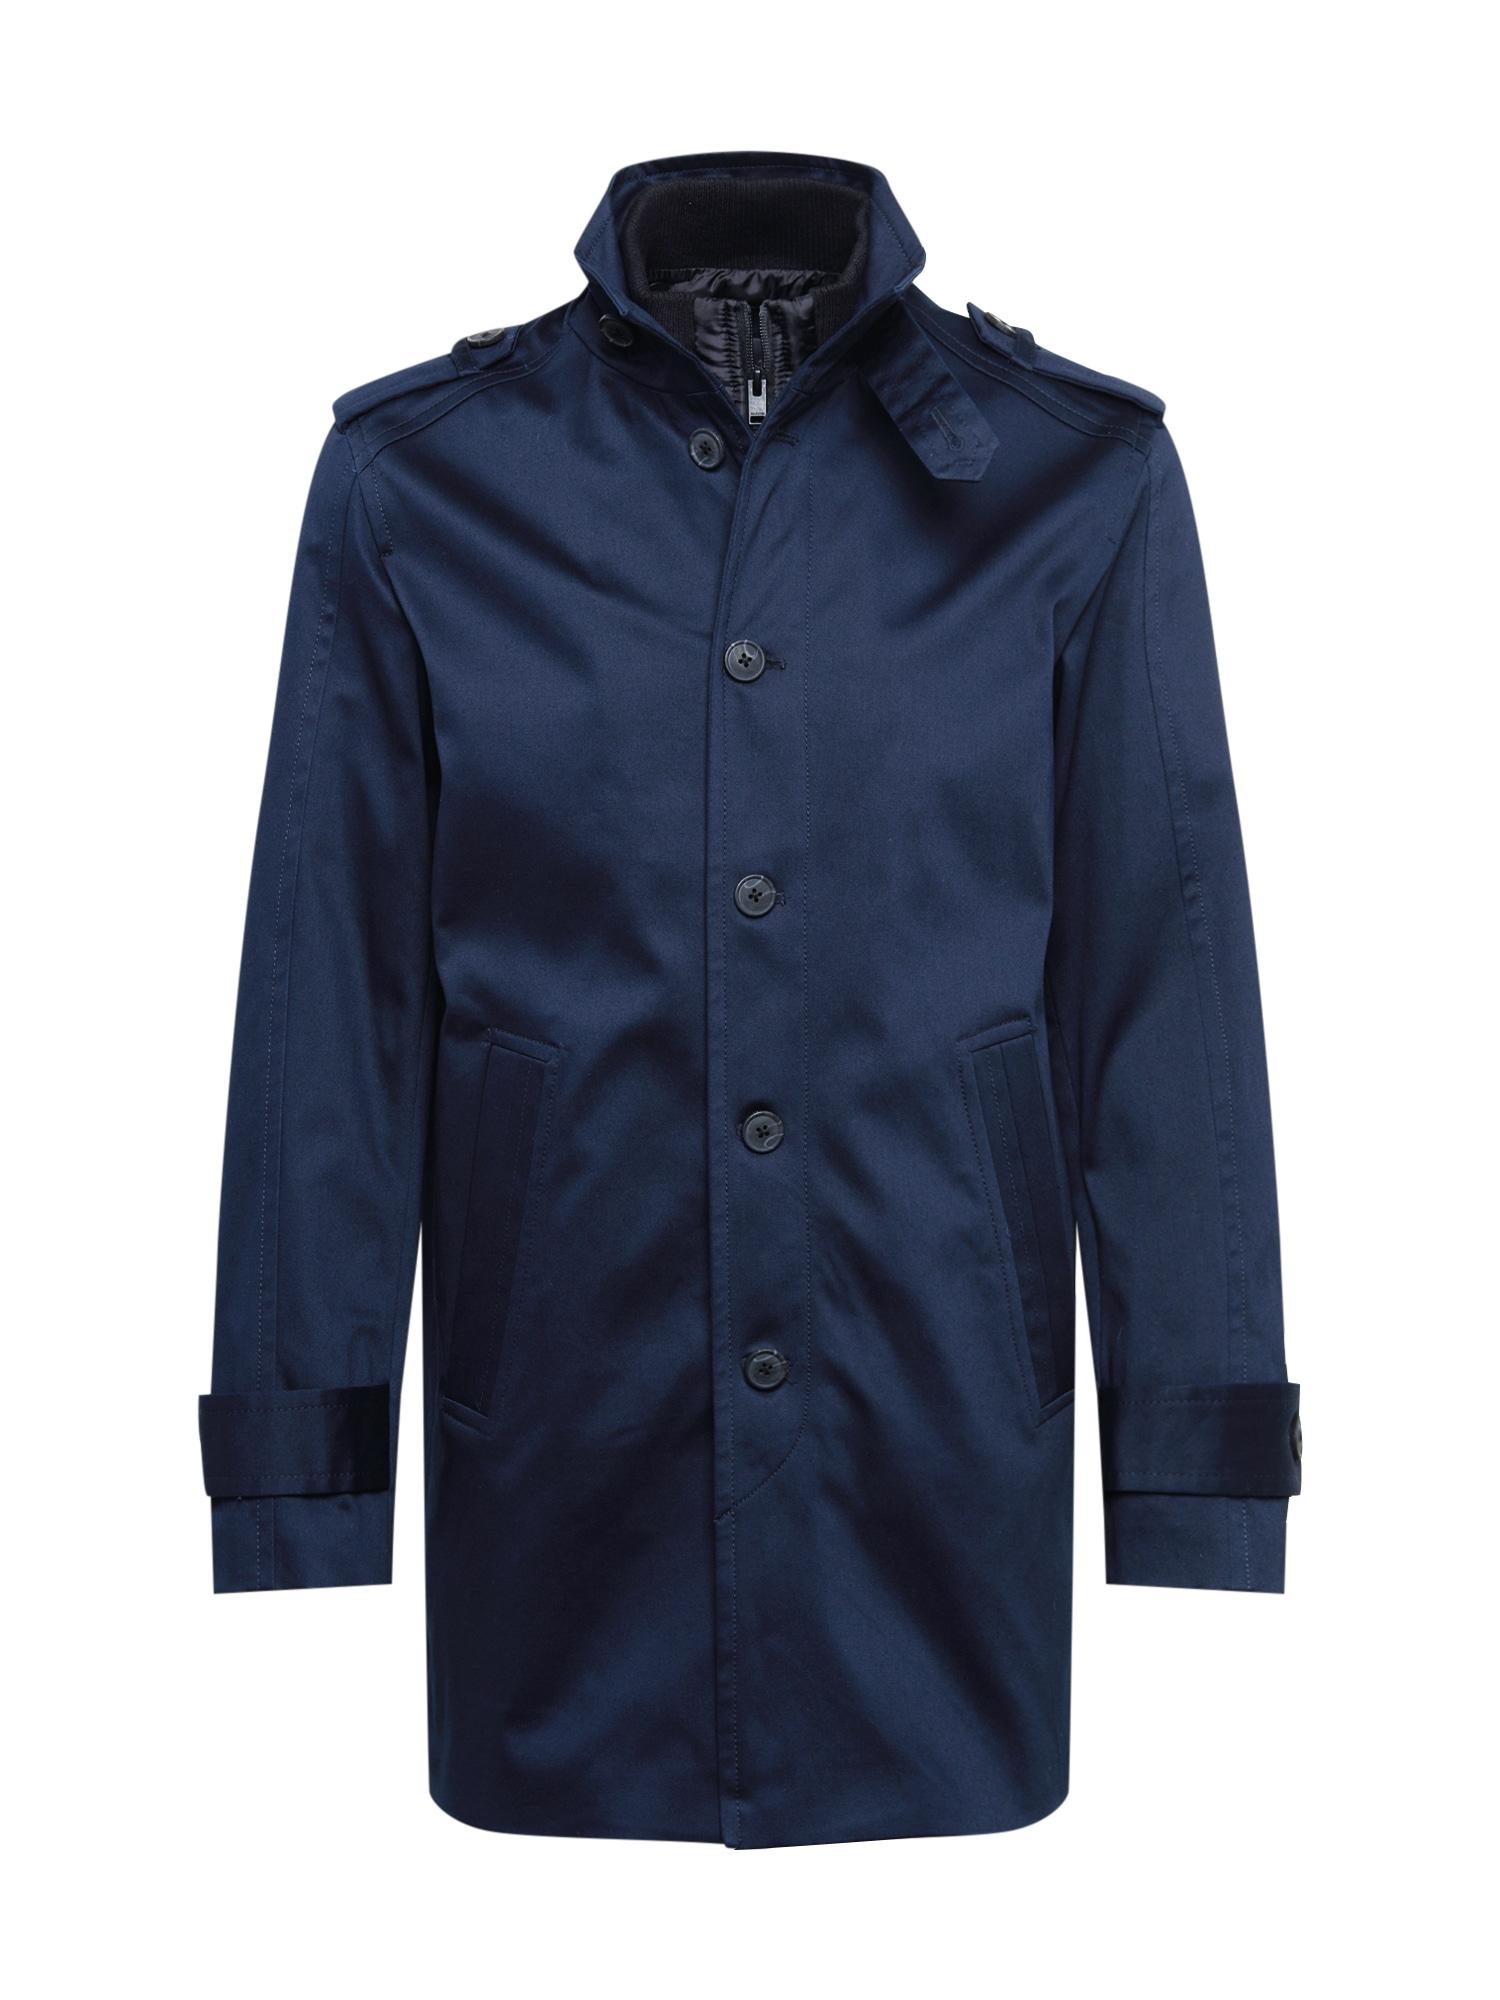 SELECTED HOMME Rudeninis-žieminis paltas 'NOAH' tamsiai mėlyna